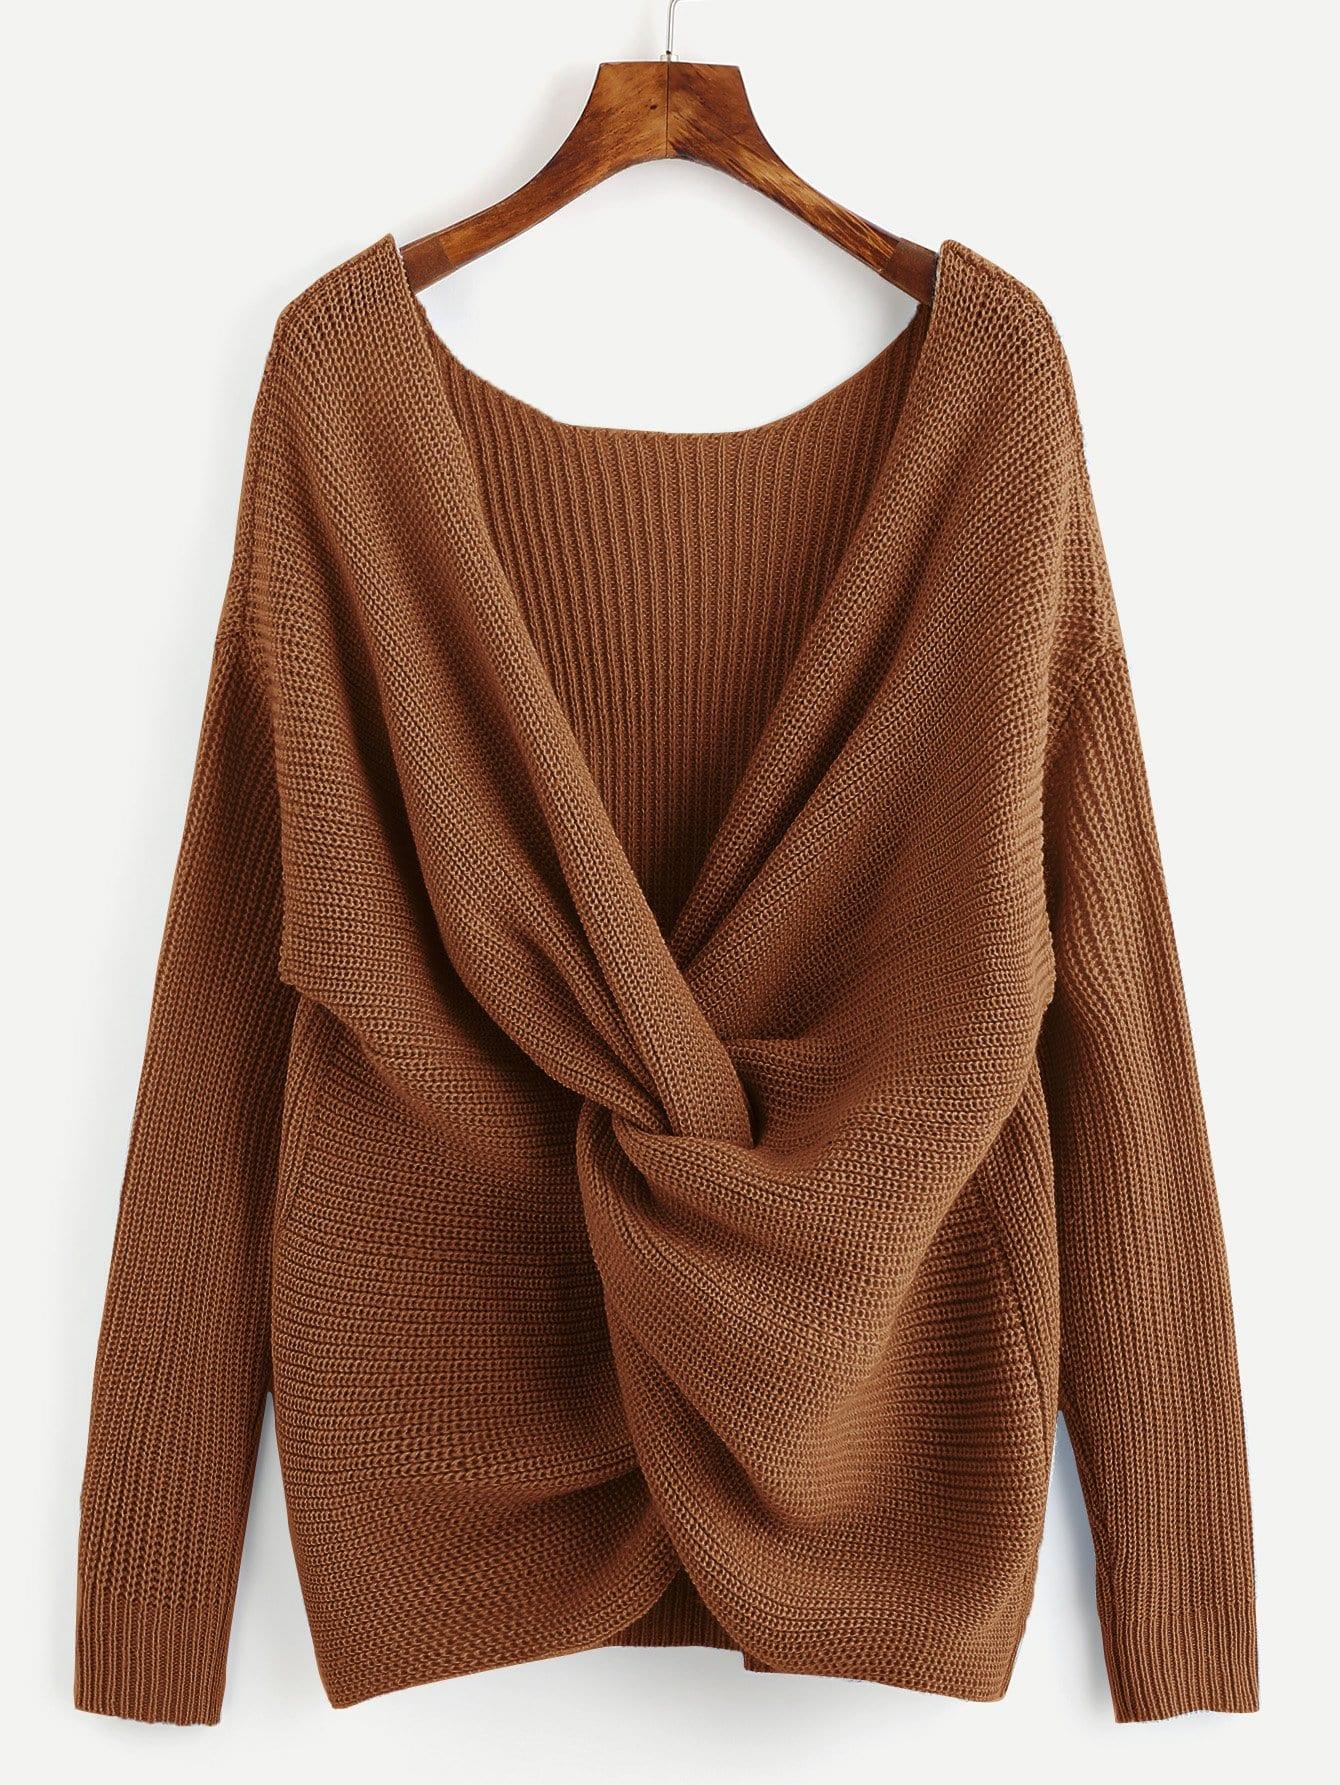 Фото - Витой свитер с v-образным вырезом от SheIn коричневого цвета